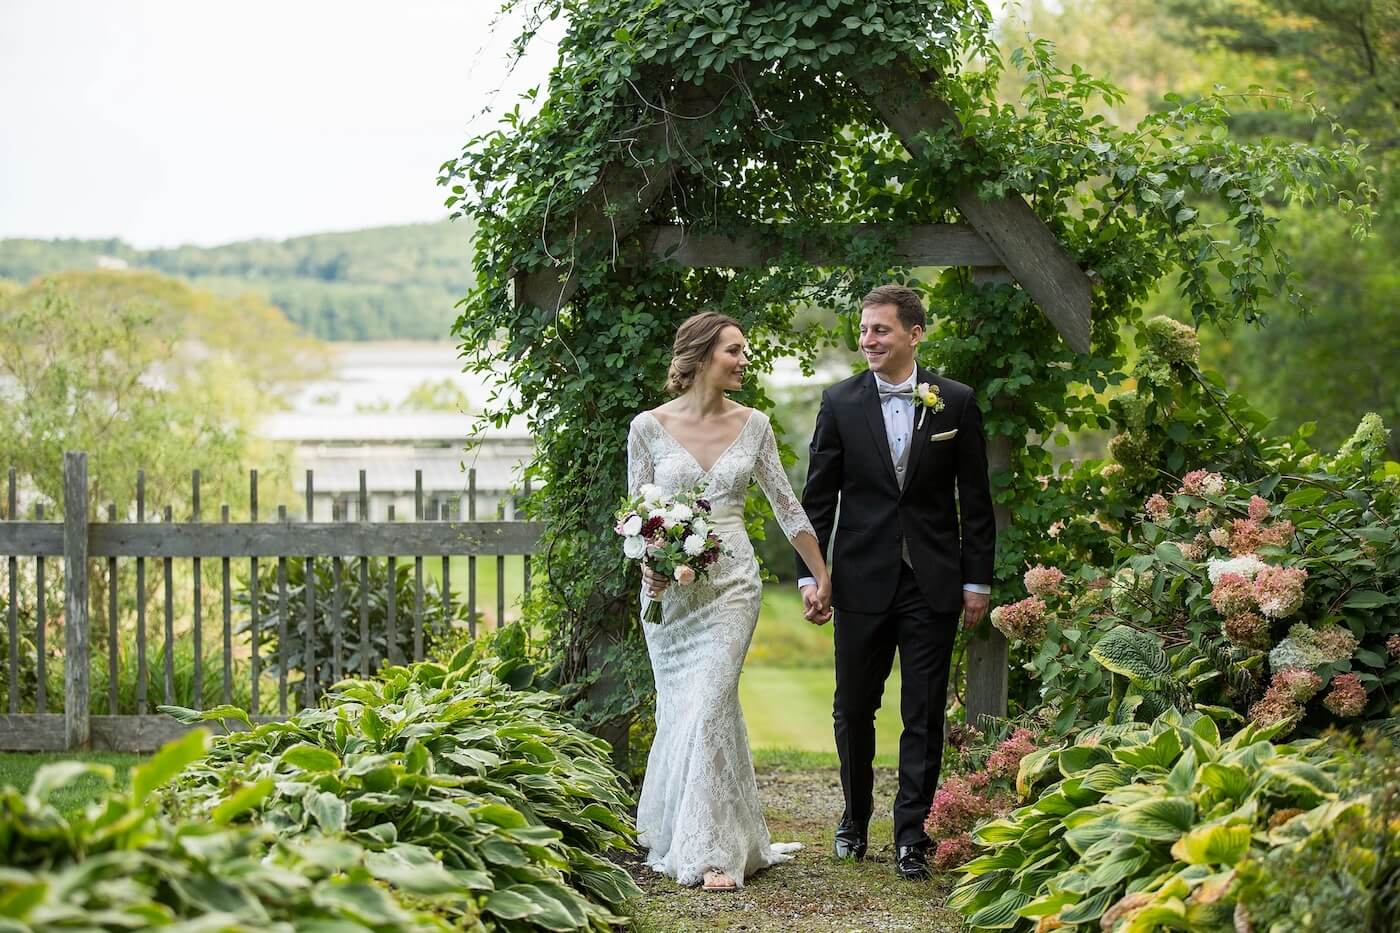 Dragonfly Weddings